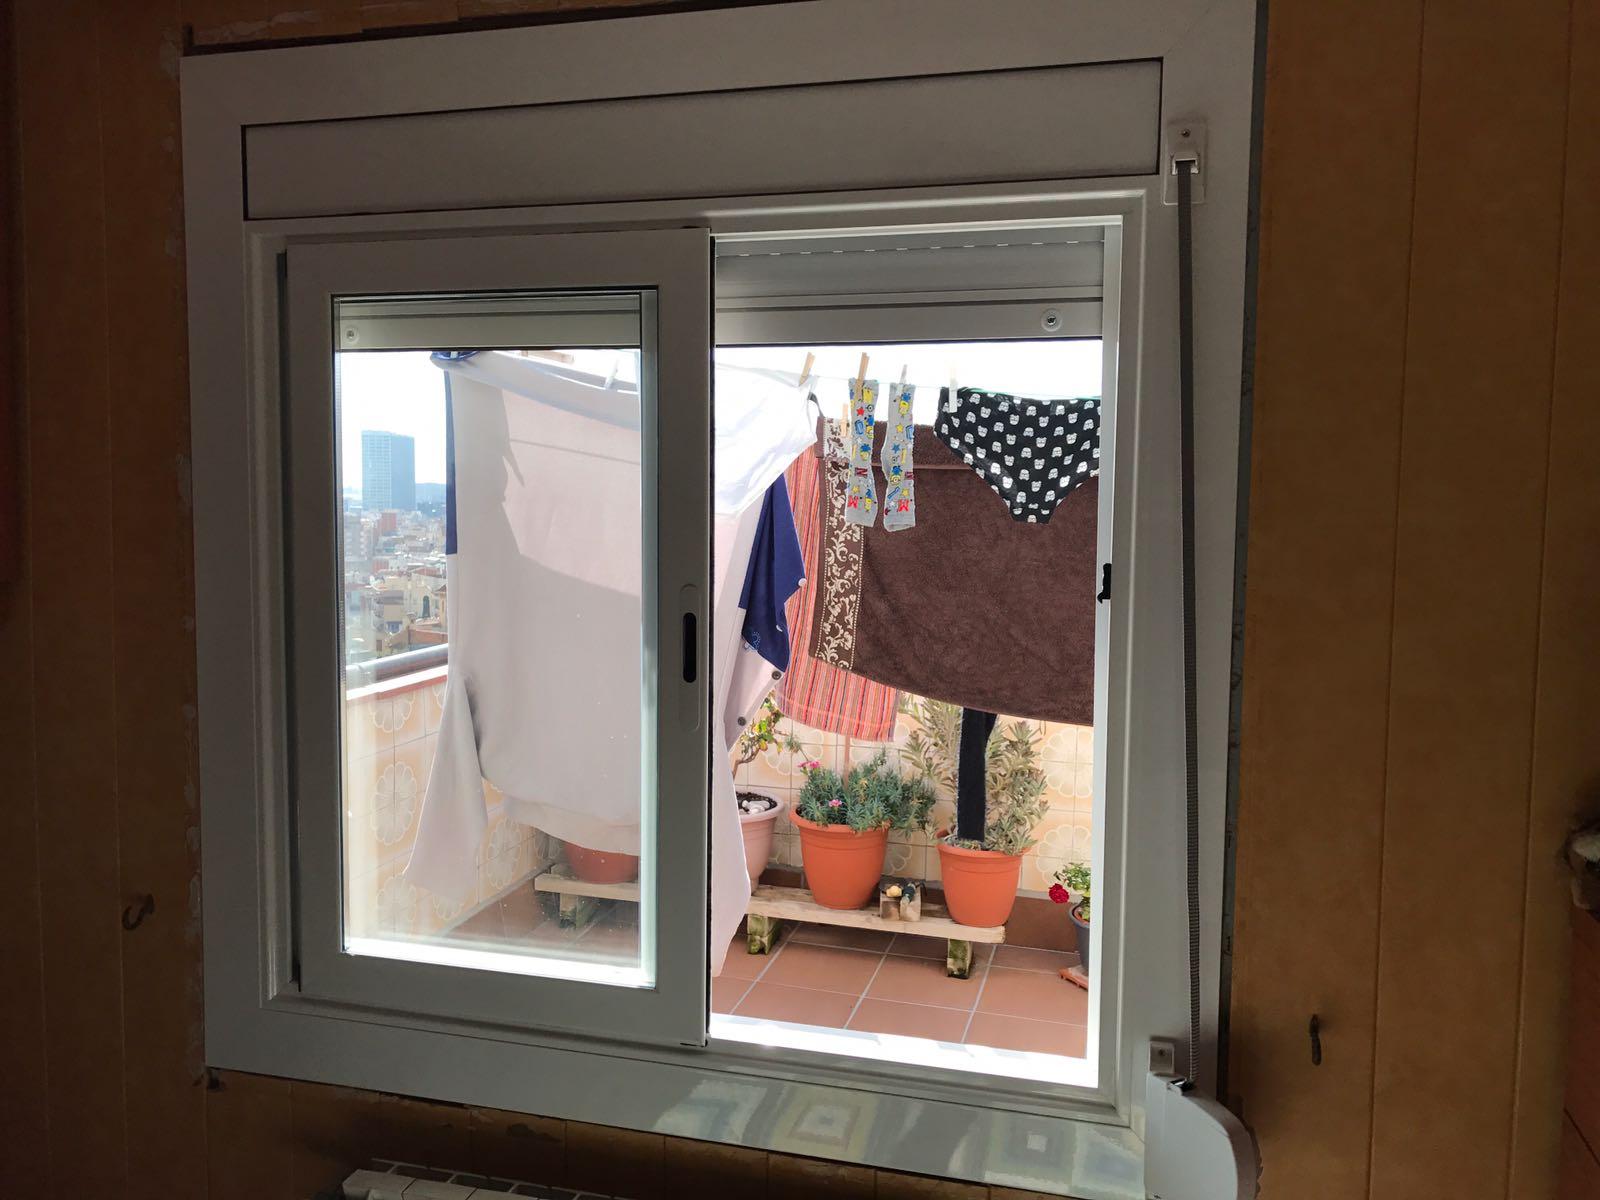 Instalaci n ventana de aluminio en el masnou julio 2017 for Ventanas de aluminio cordoba